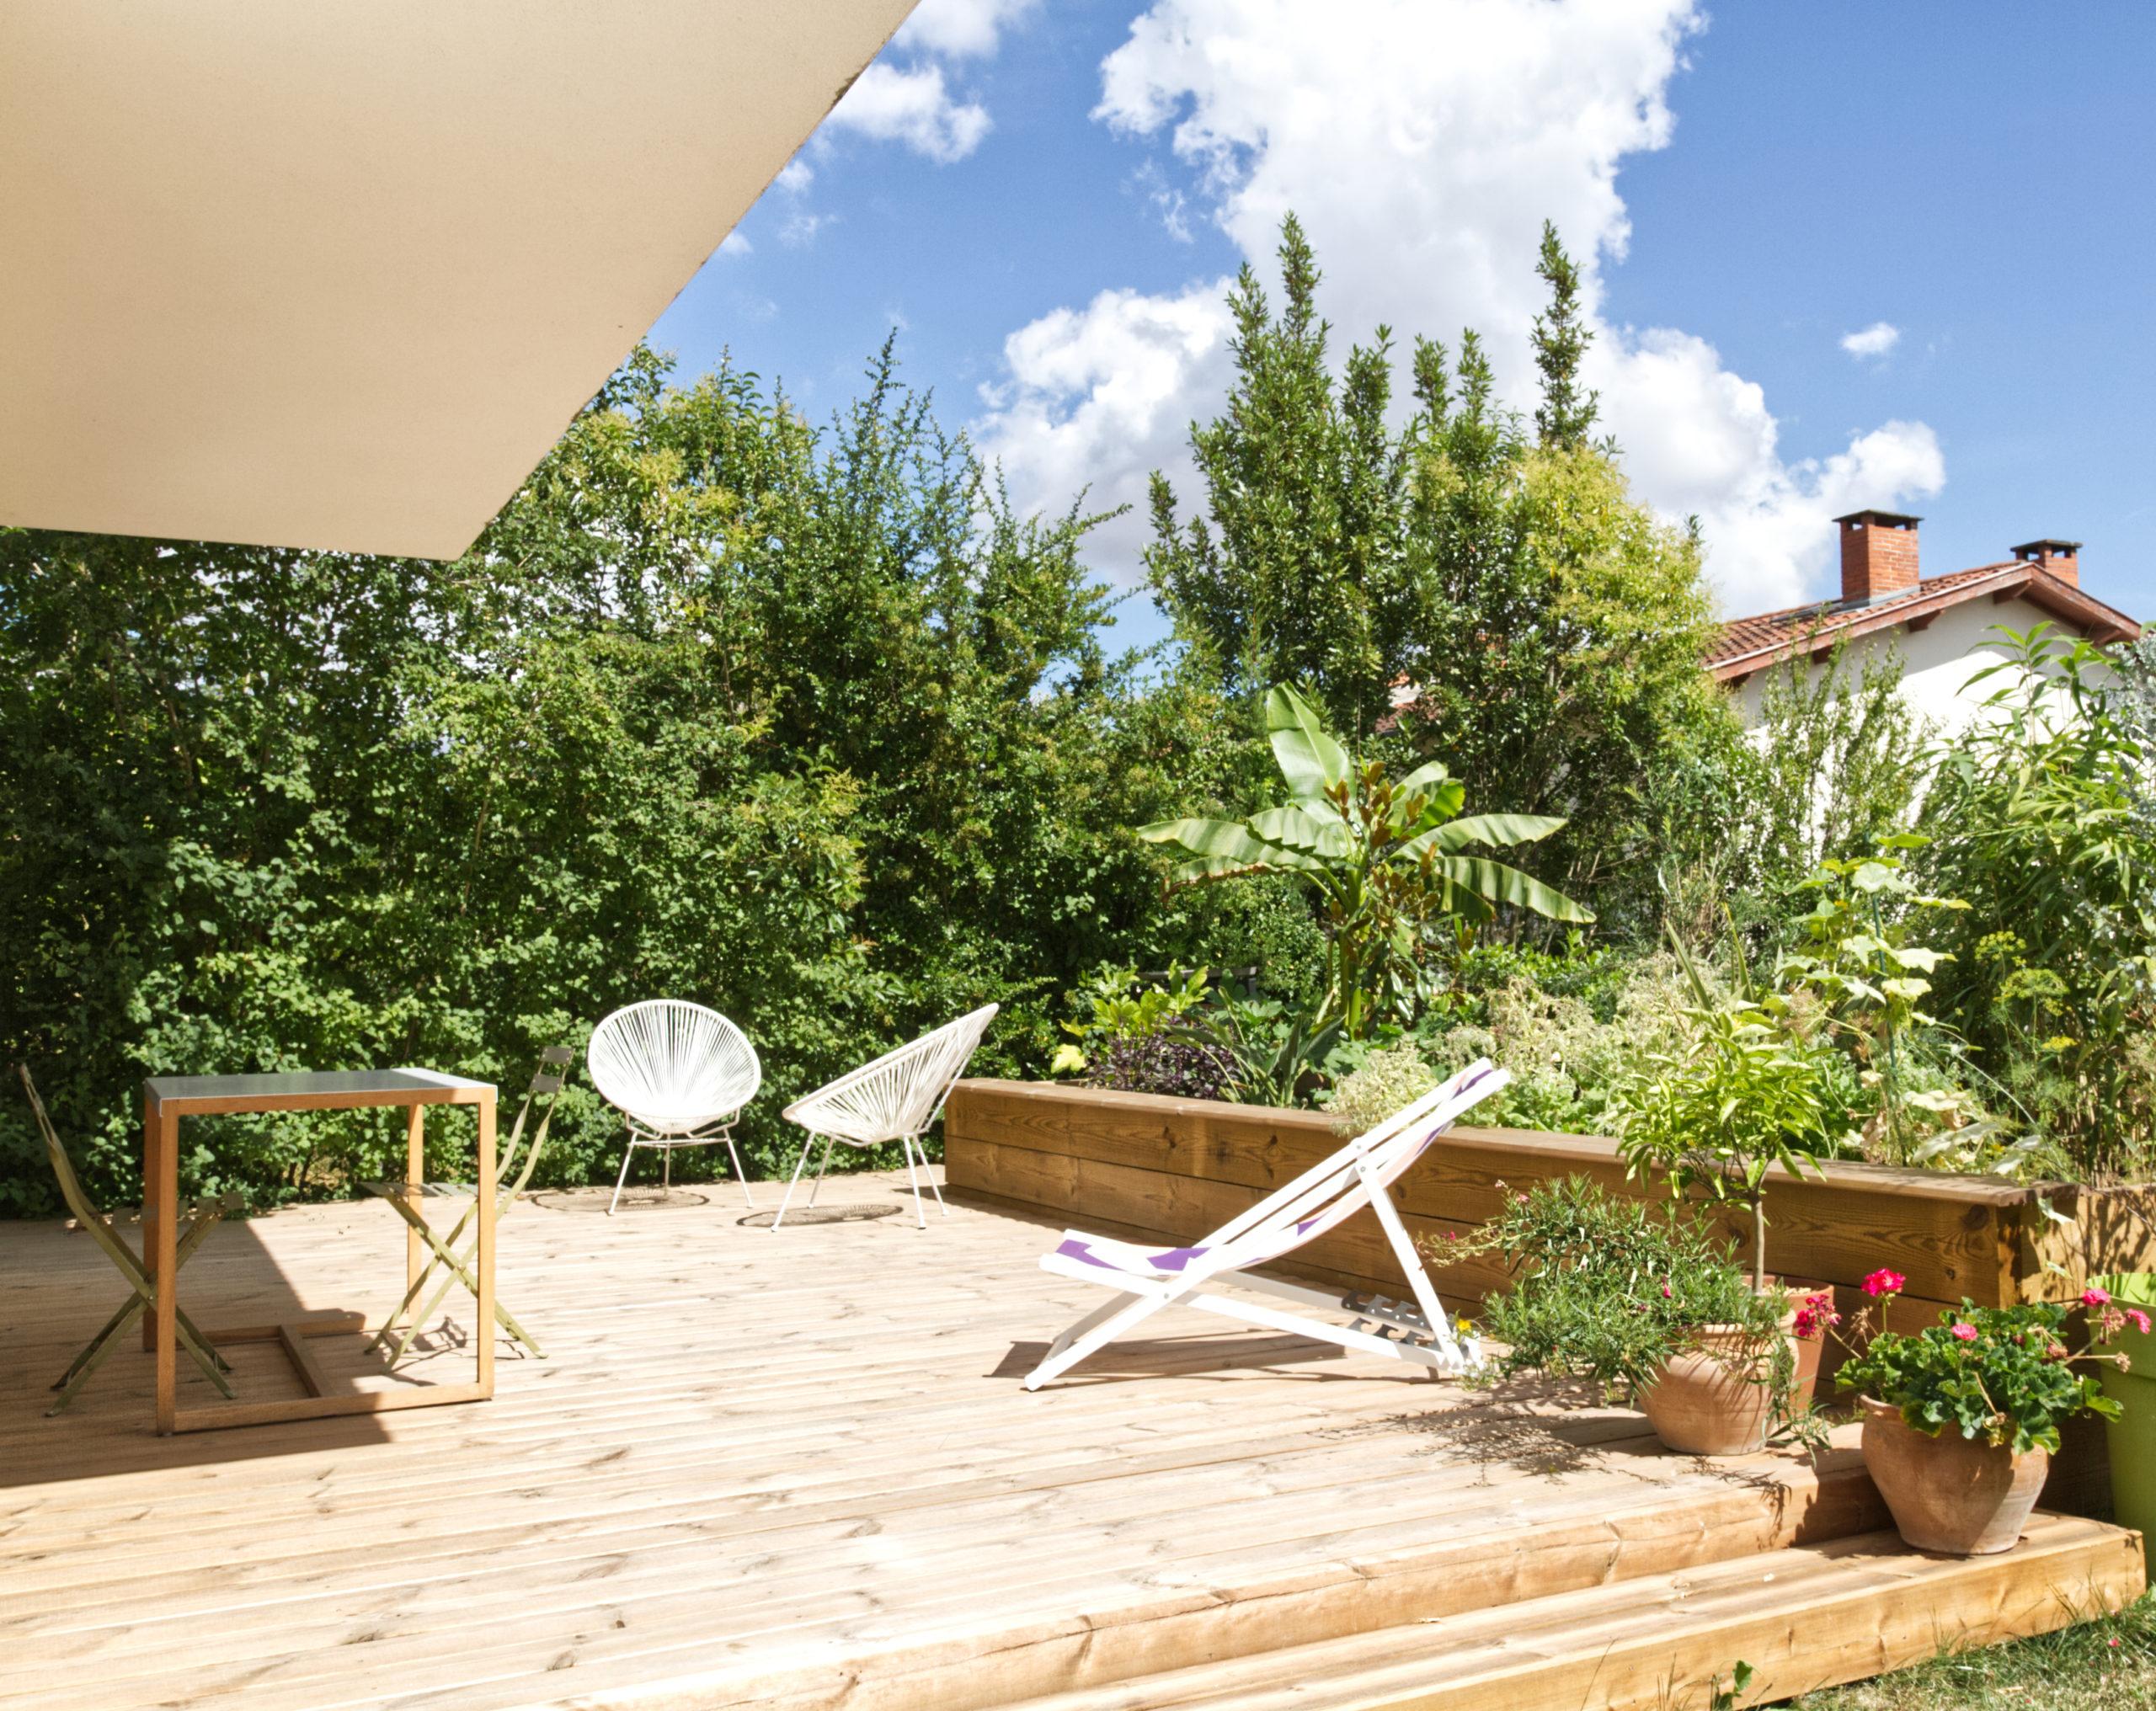 Terrasse maison A- aménagement  terrasse extérieure bois- jardinière-architectes toulouse- saarchitectes